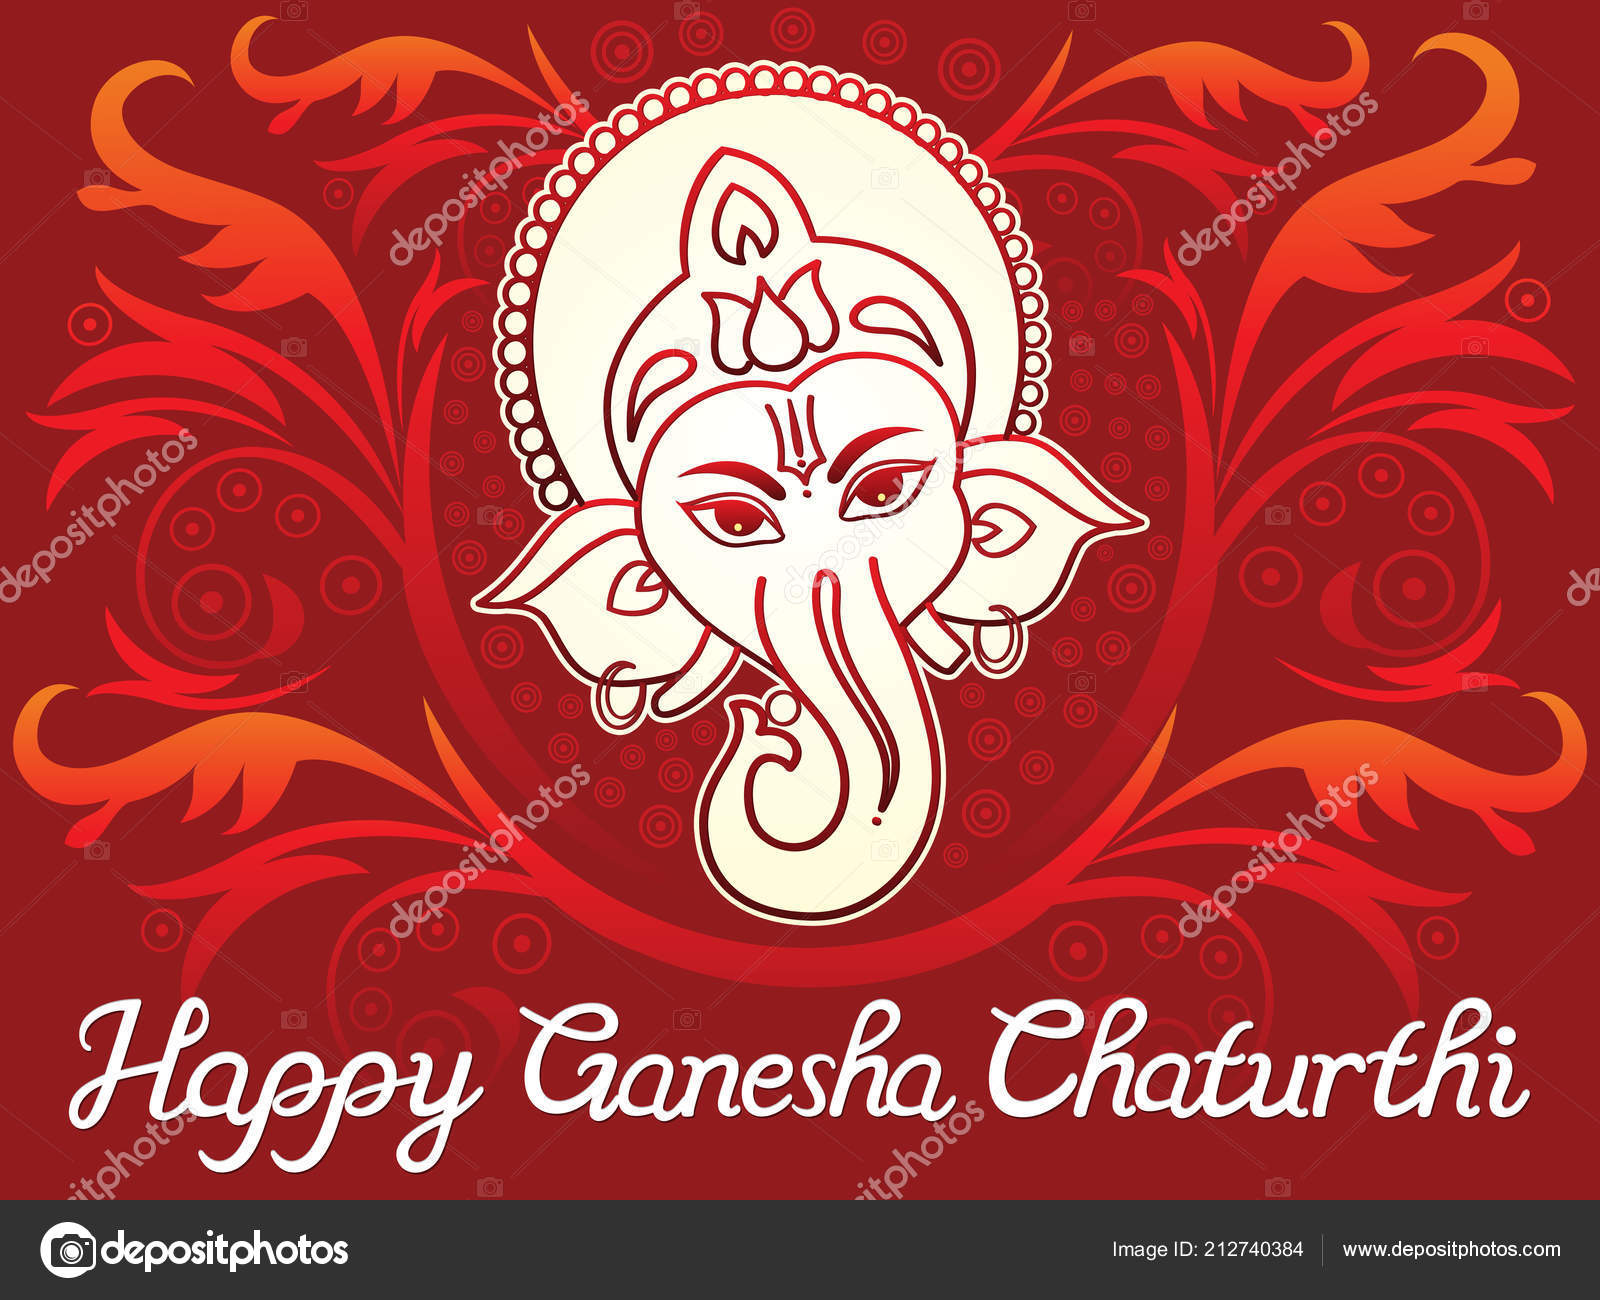 抽象芸術的な創造的なガネーシャ Chaturthi 背景ベクトル イラスト